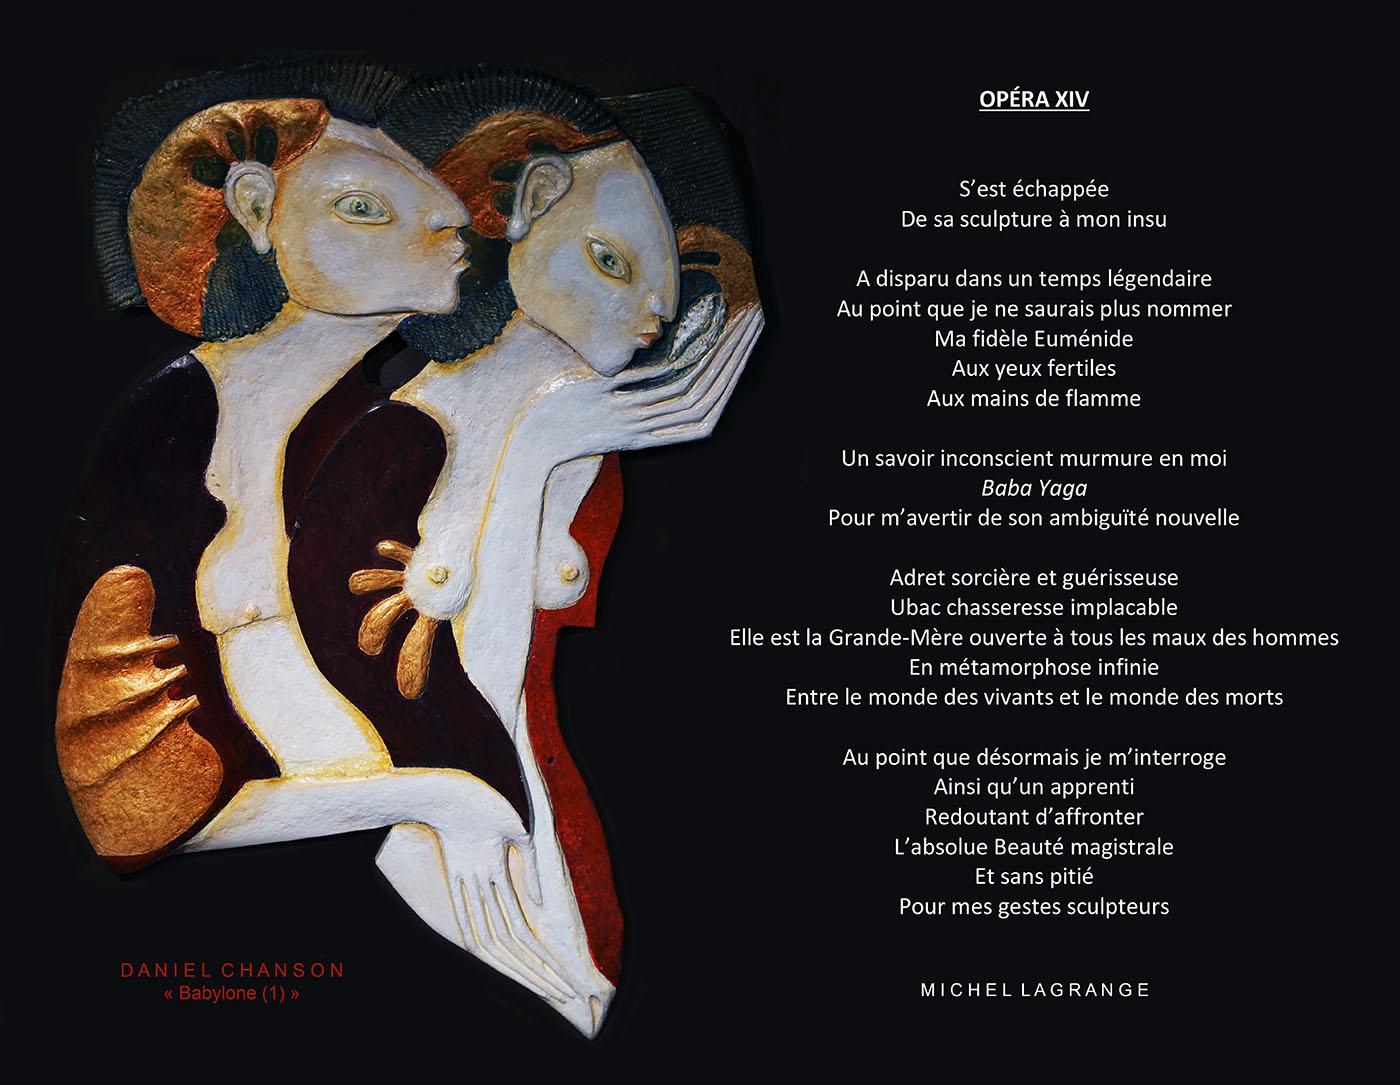 opera14